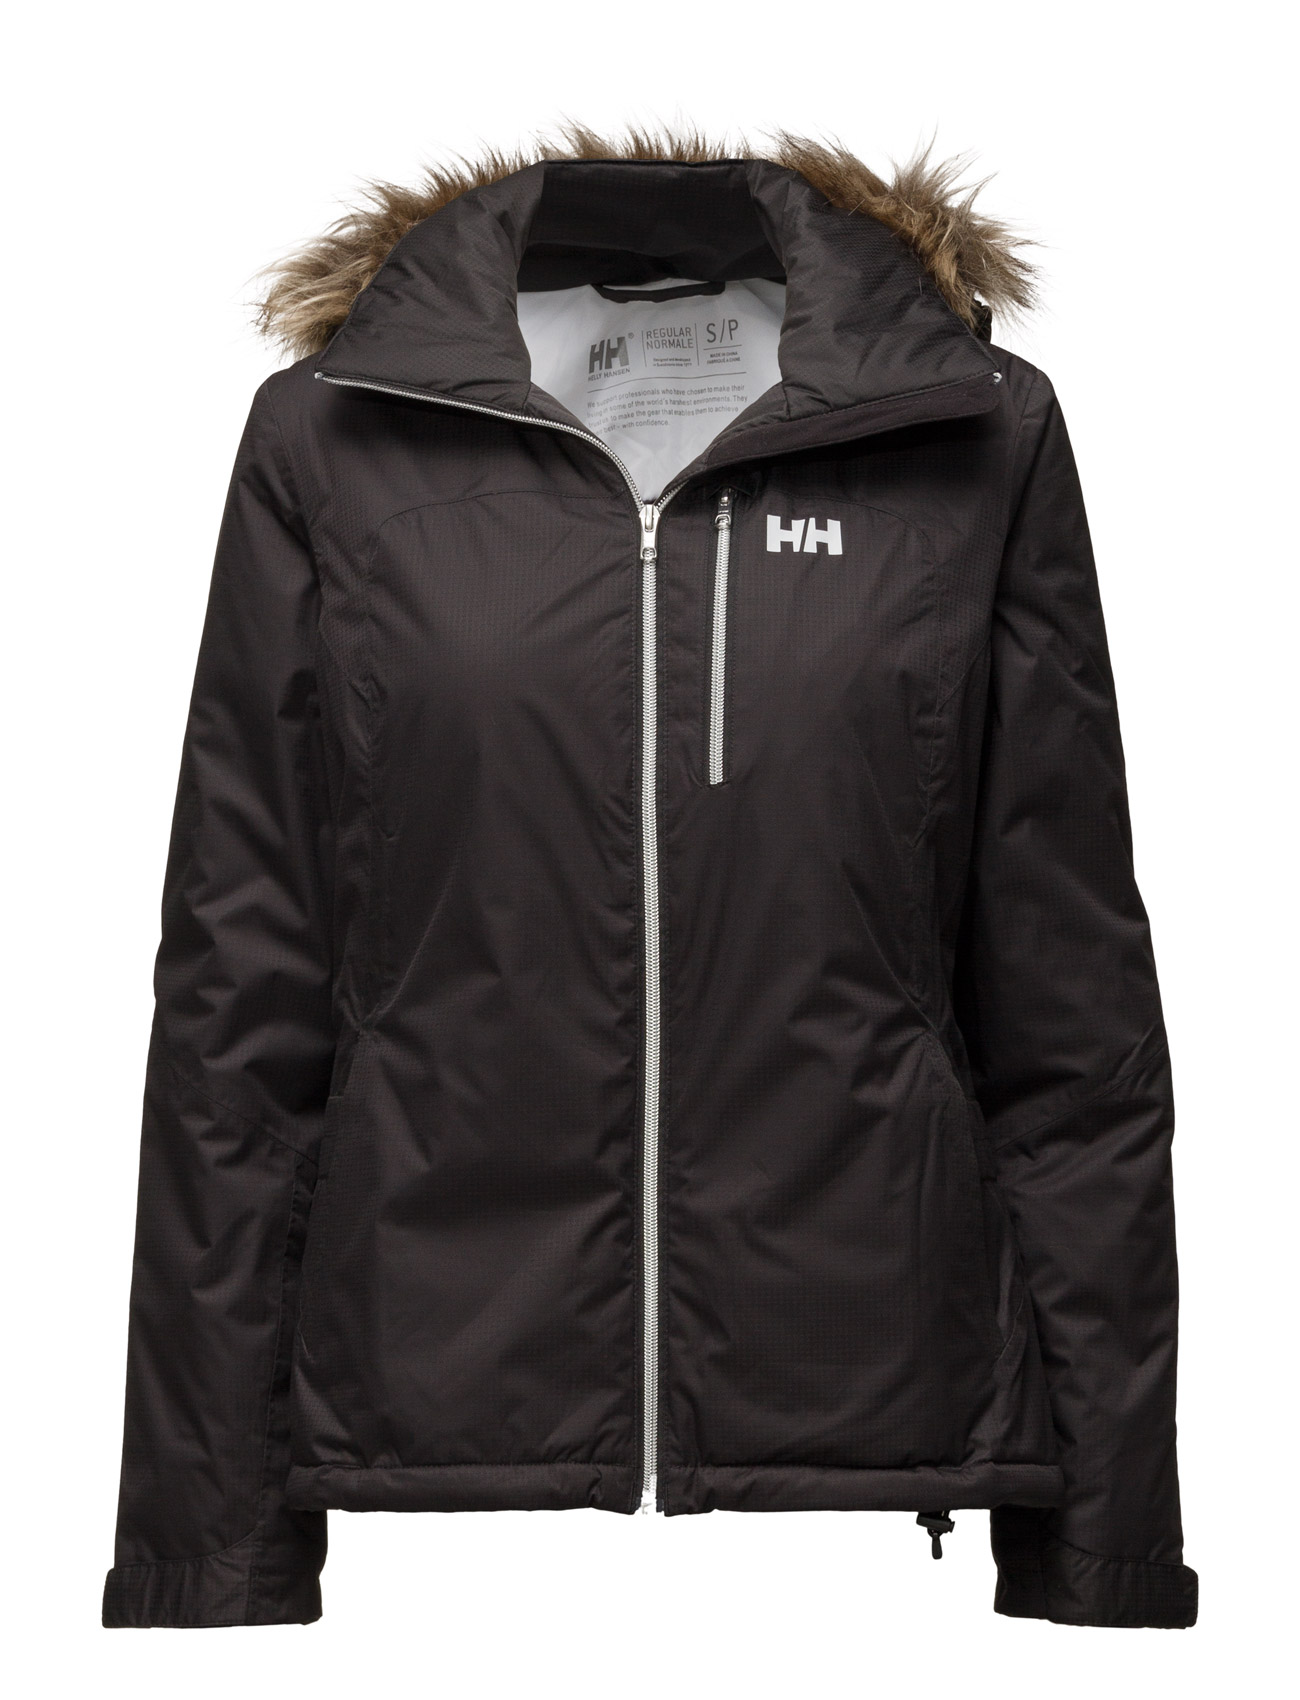 helly hansen – W sunshine jacket fra boozt.com dk